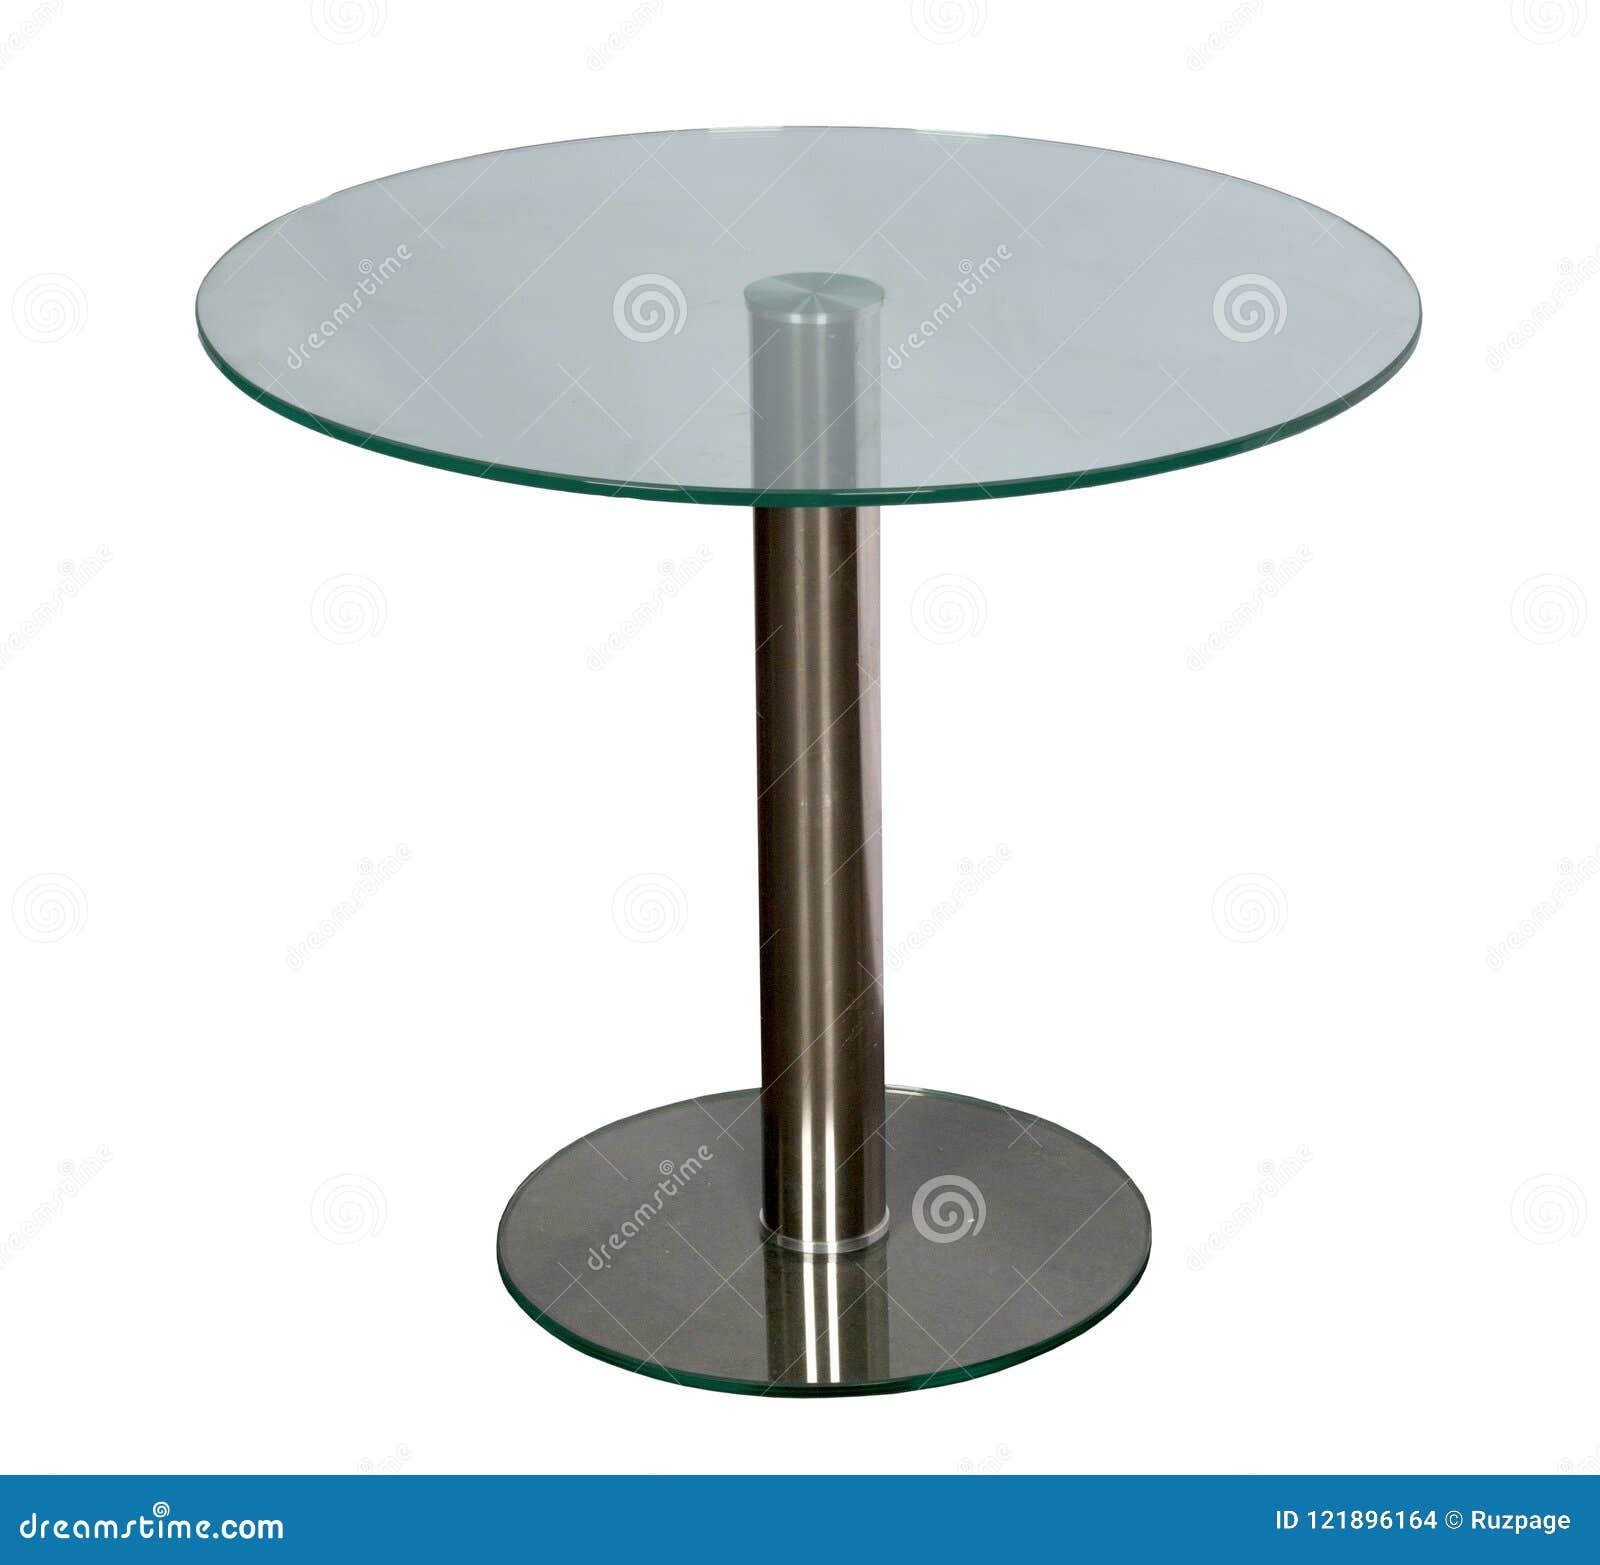 Tabela com um tampo da mesa de vidro